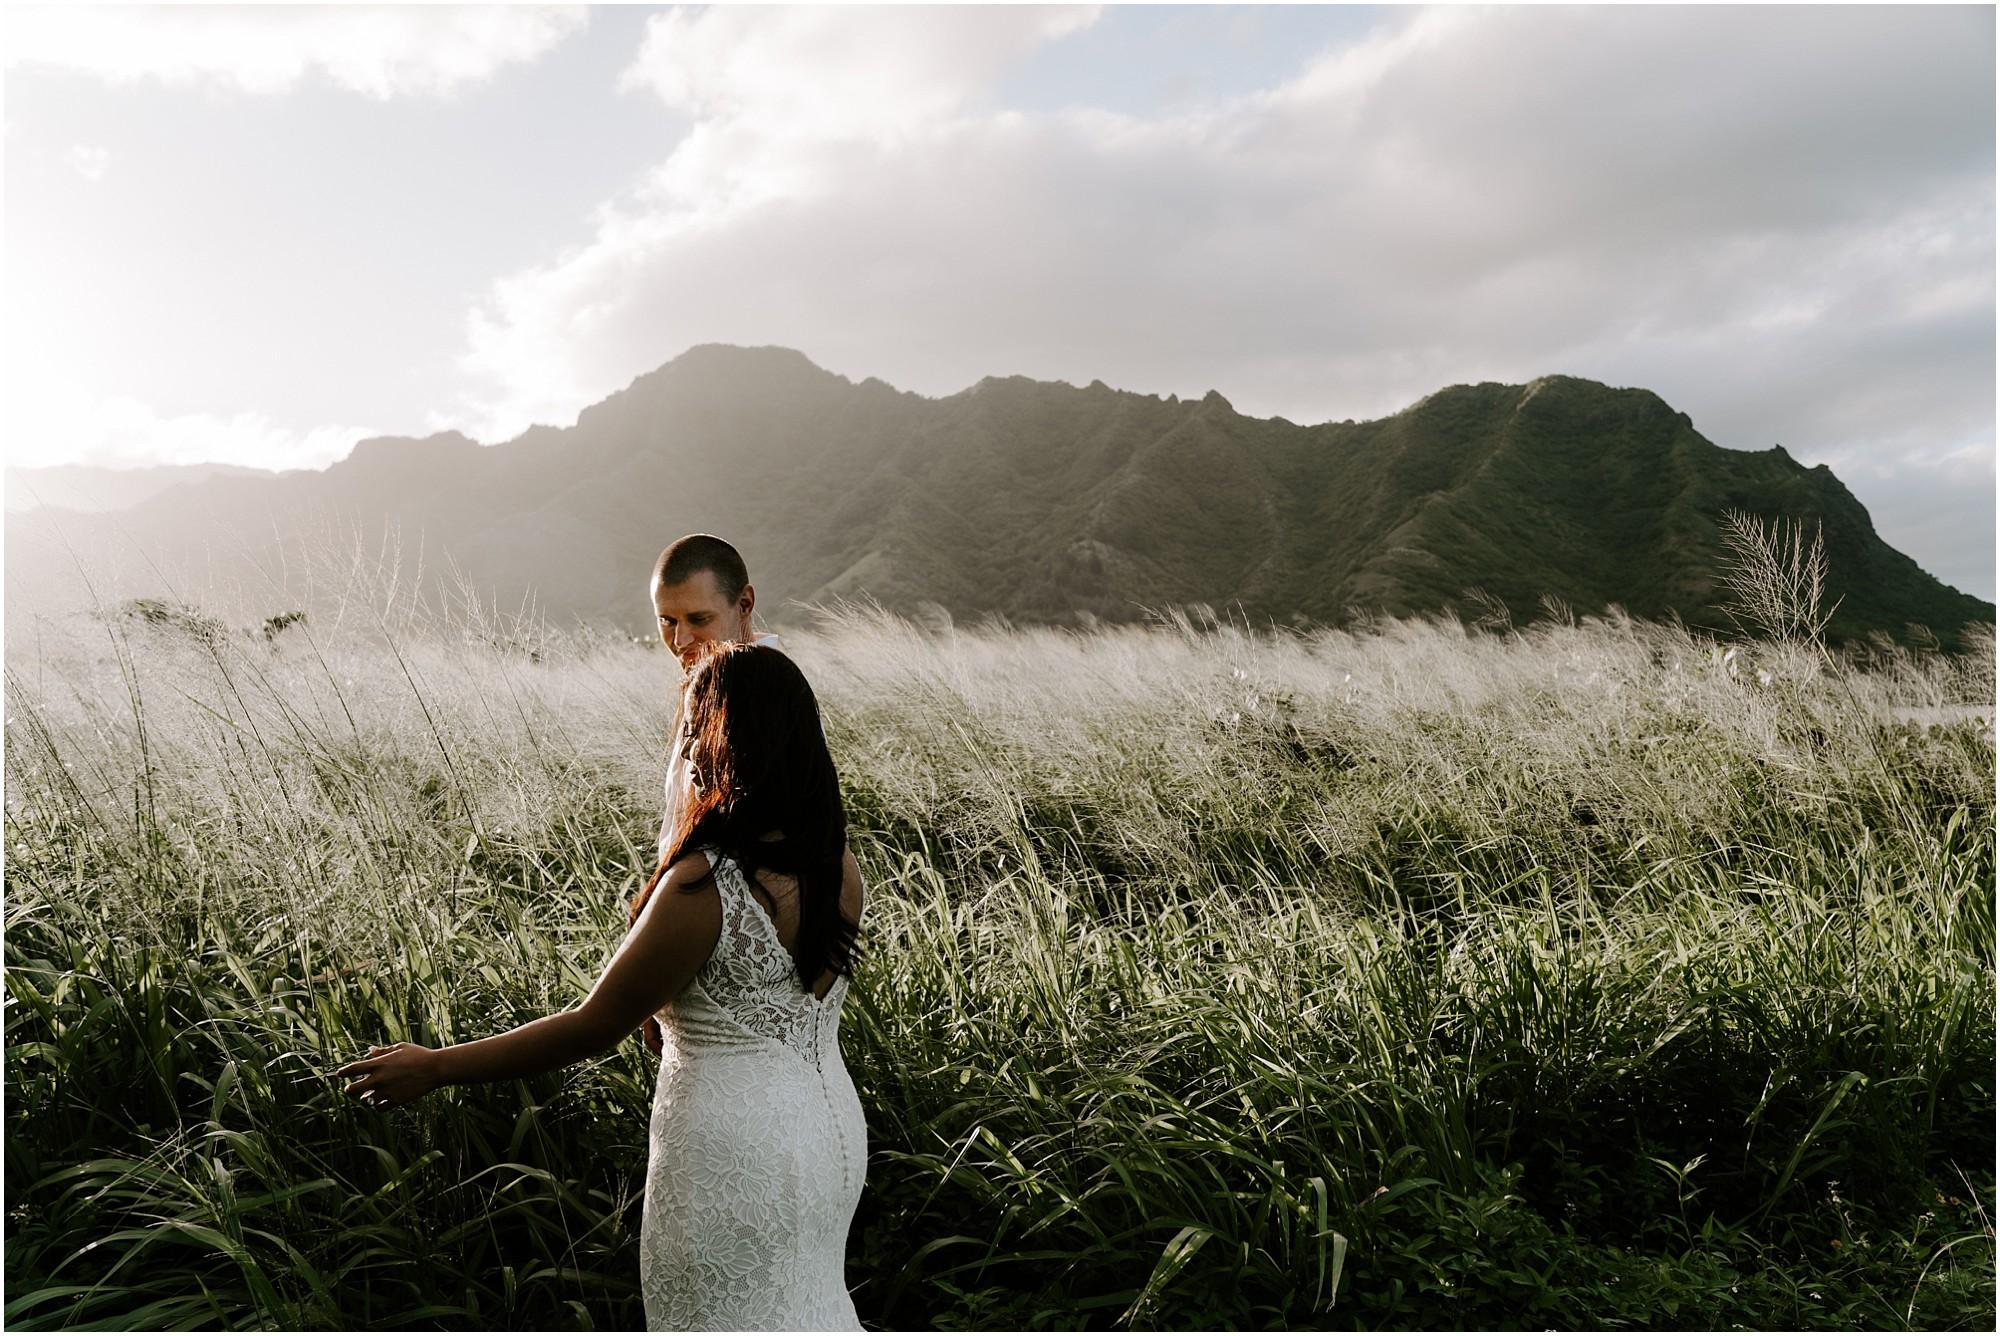 oahu-intimate-bridal-adventure-session_0006.jpg